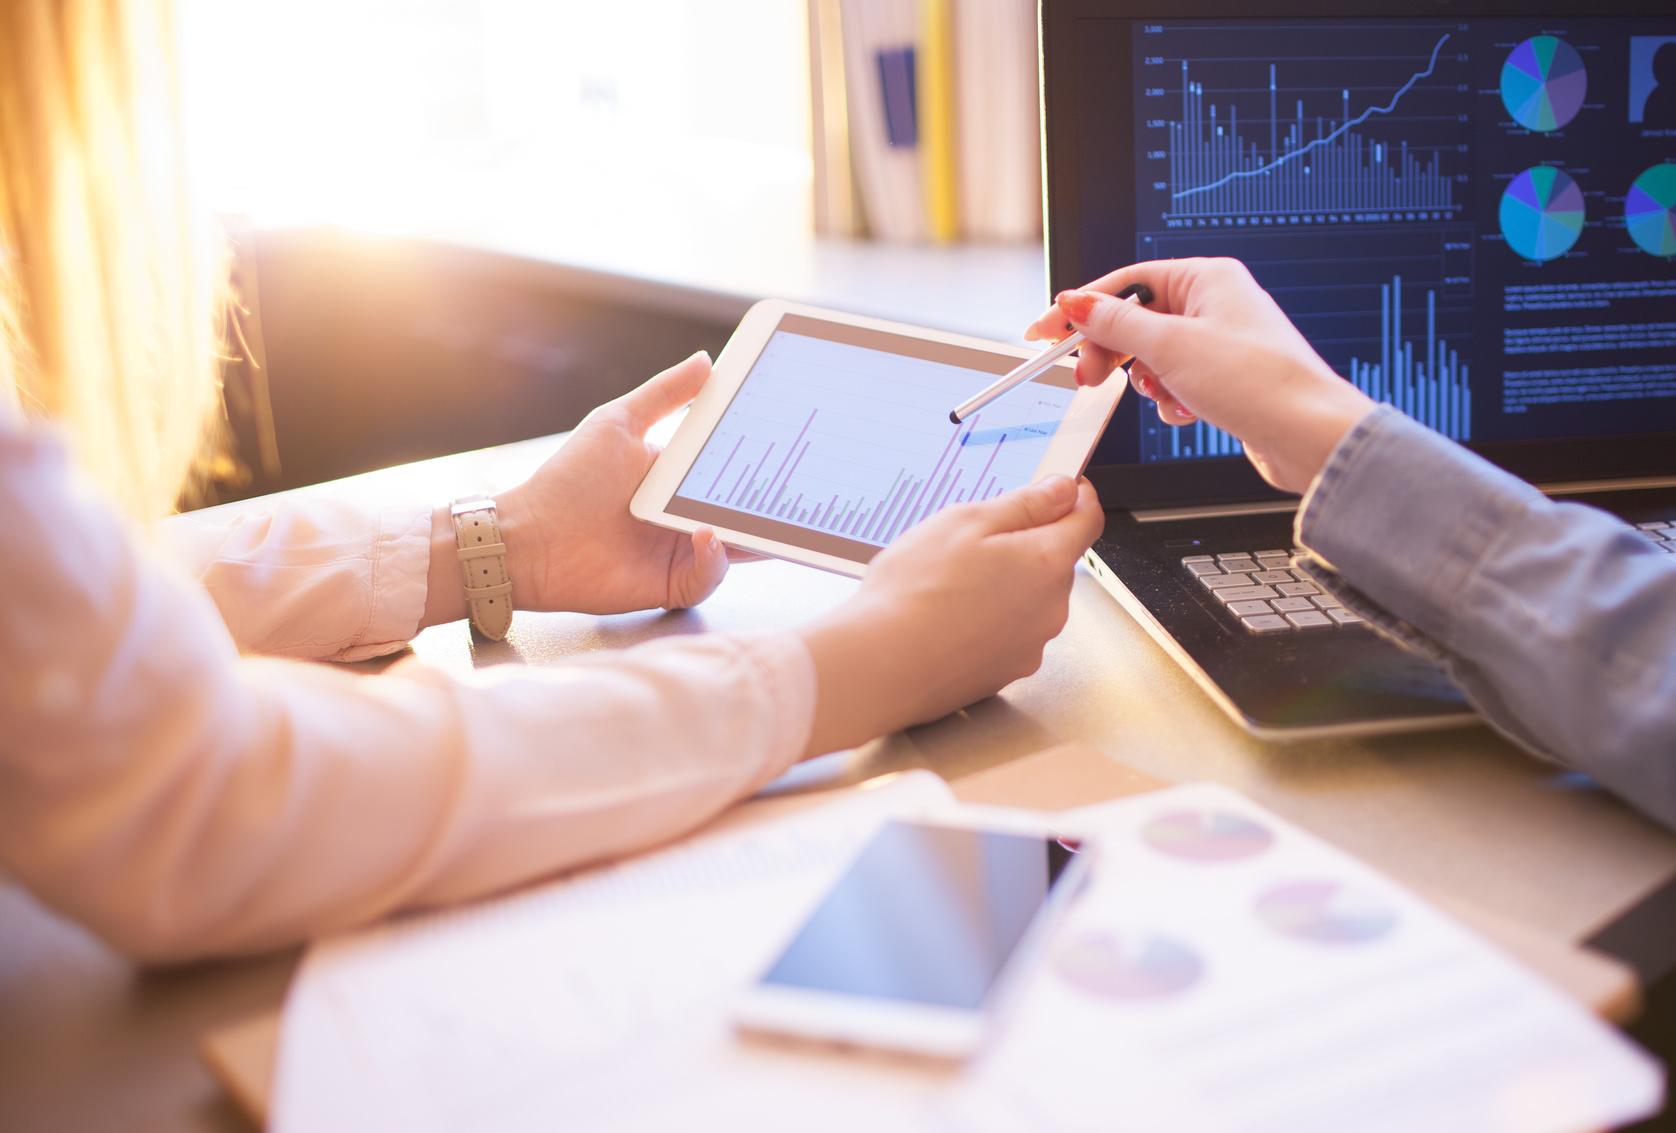 practicando educación financiera